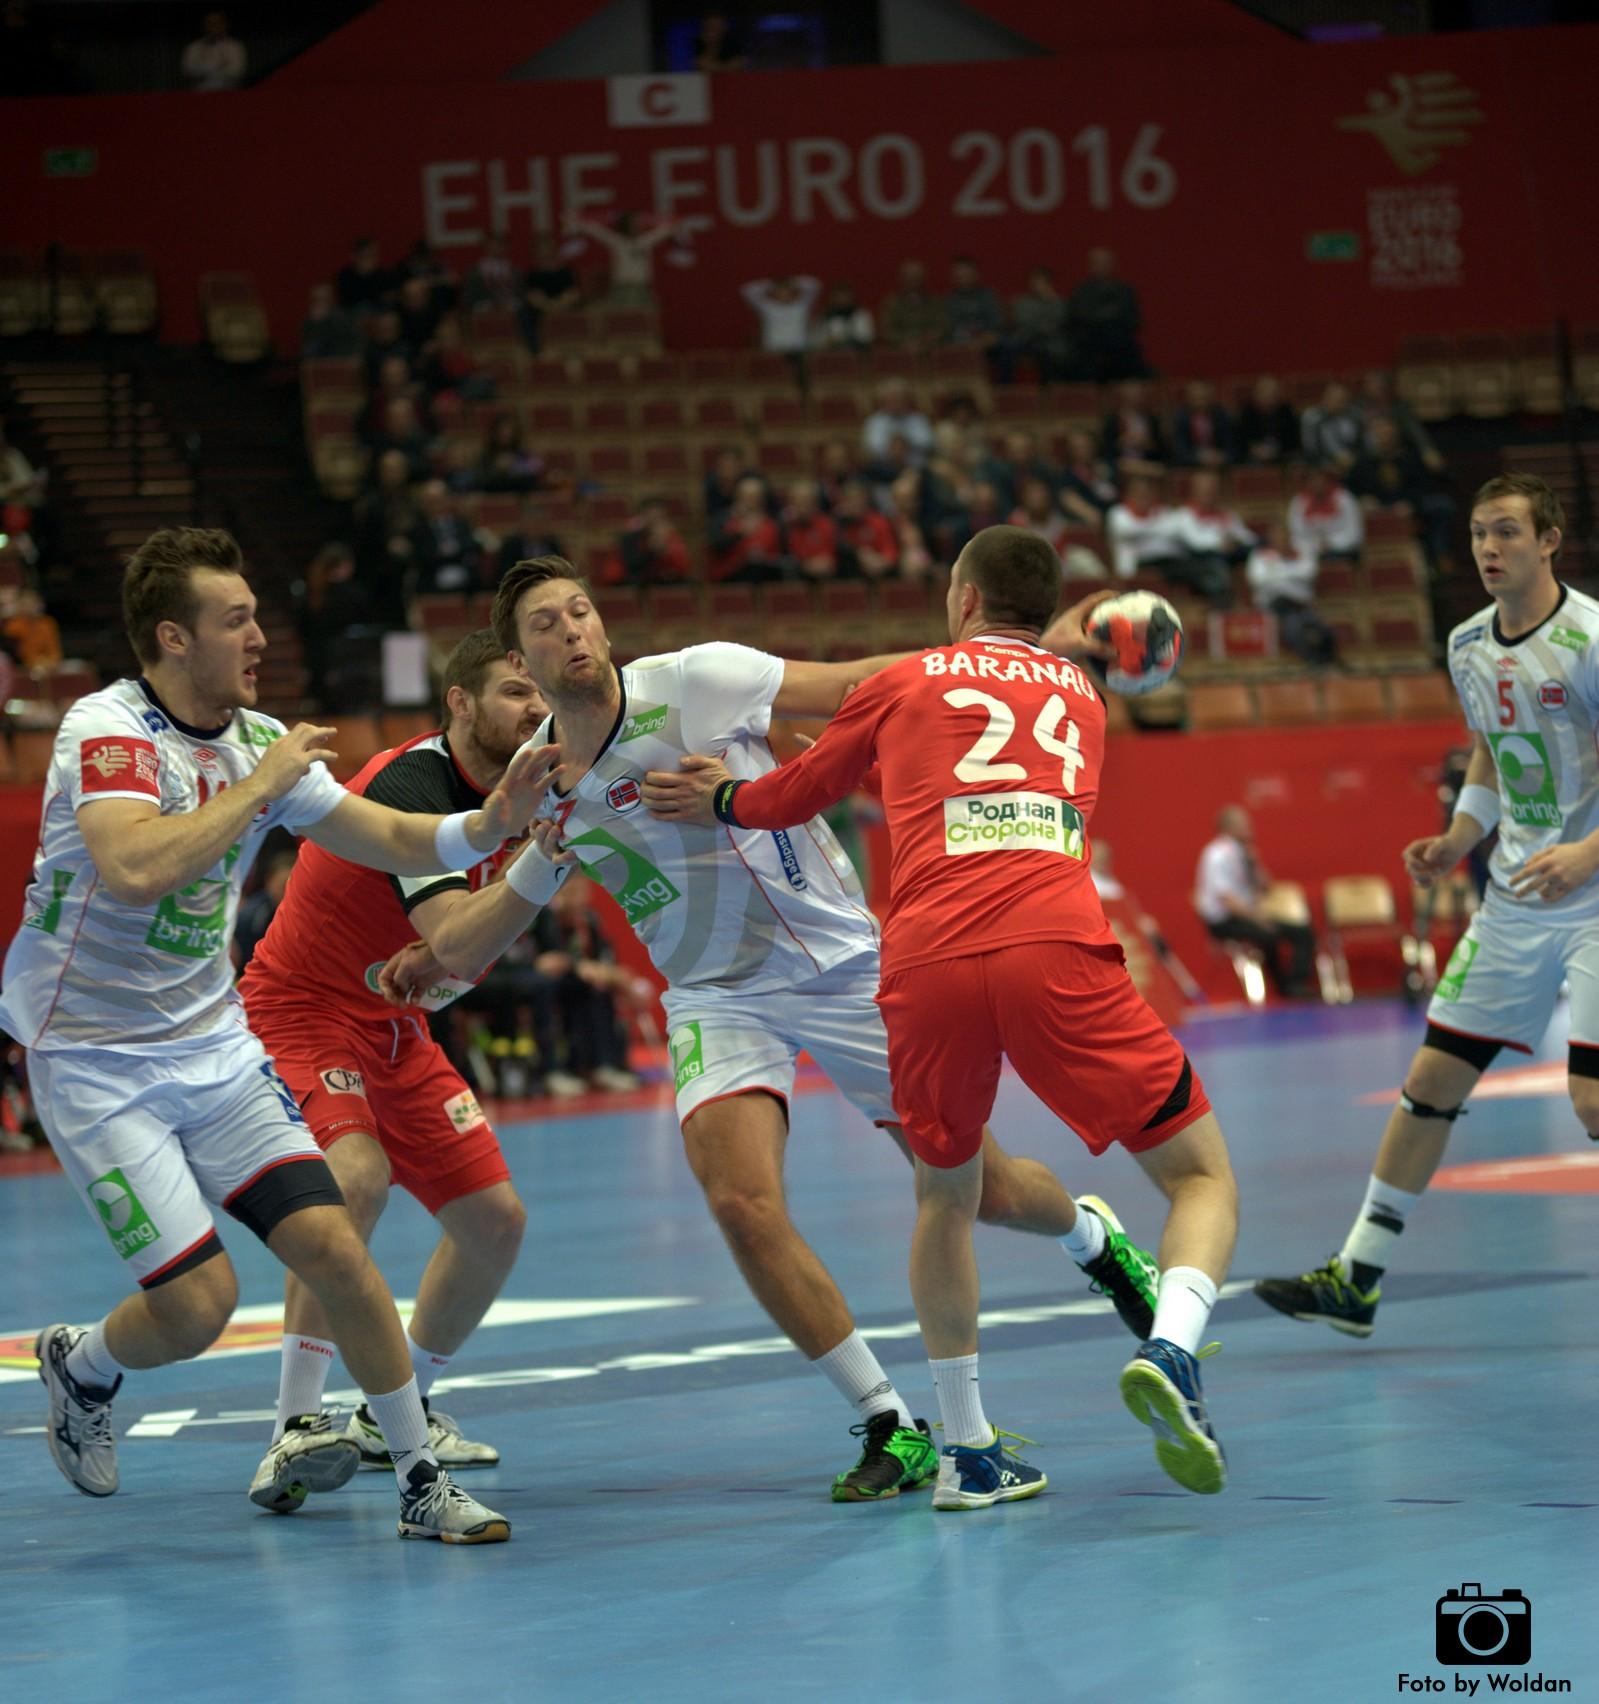 EHF Euro 2016, gr. B: Norwegia z awansem, bramkarz Christensen zatrzymał Białoruś!